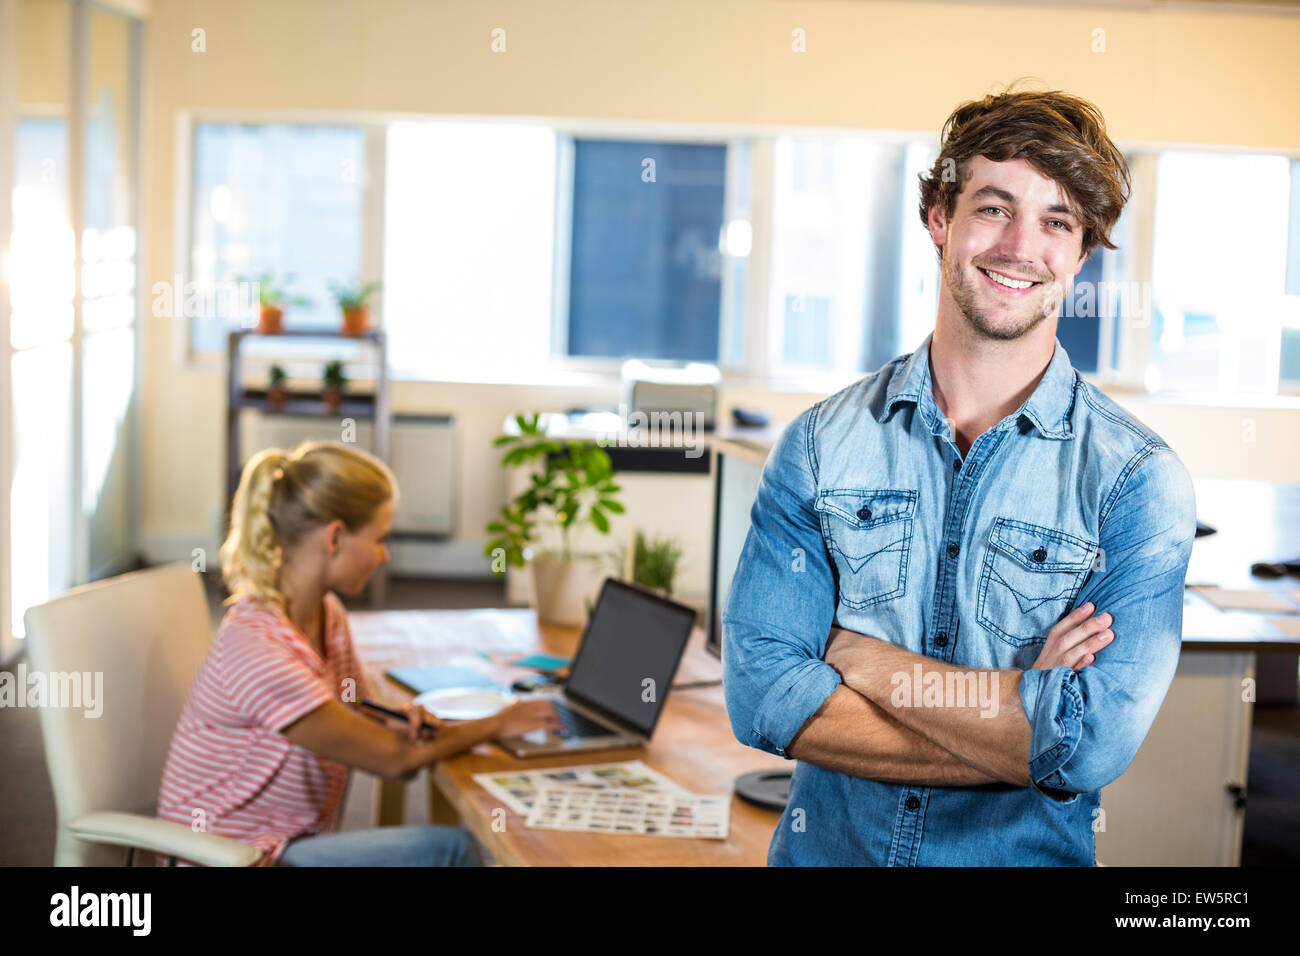 Empresario sonriente posando con su compañero detrás de él Imagen De Stock